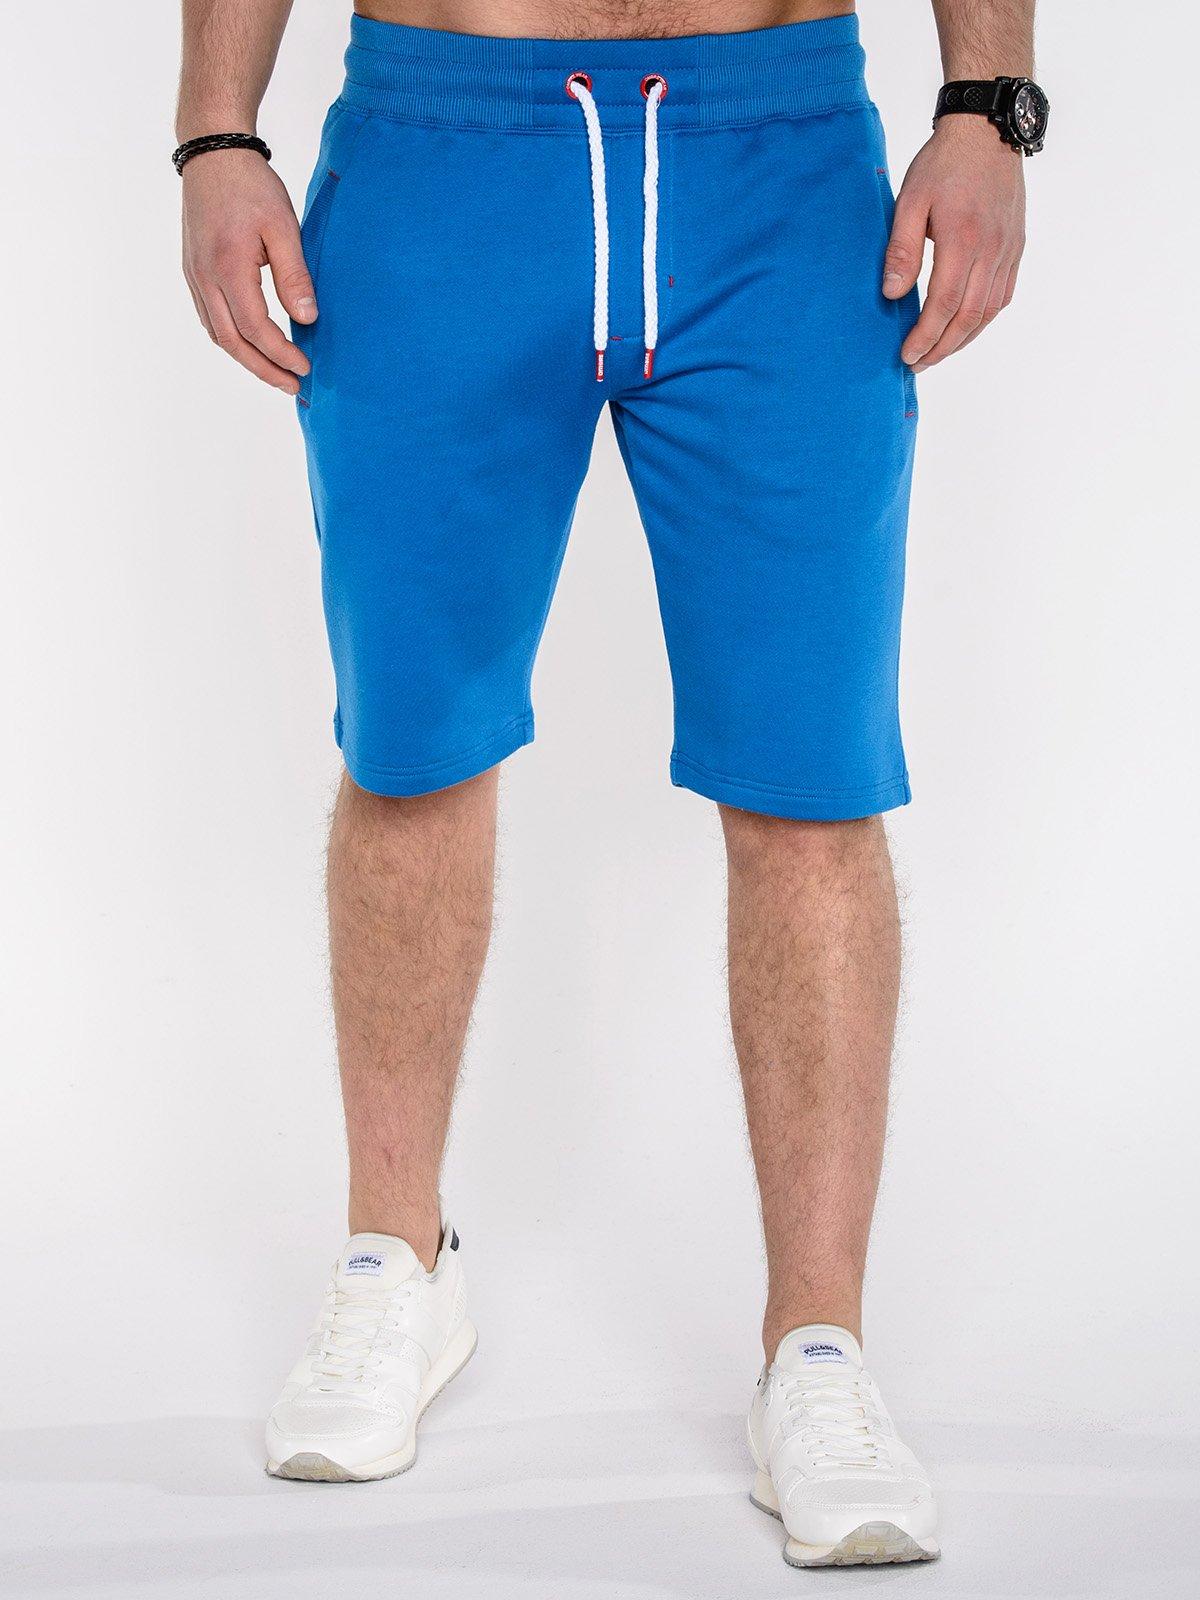 Шорти короткі чоловічі спортивні P512 - сині